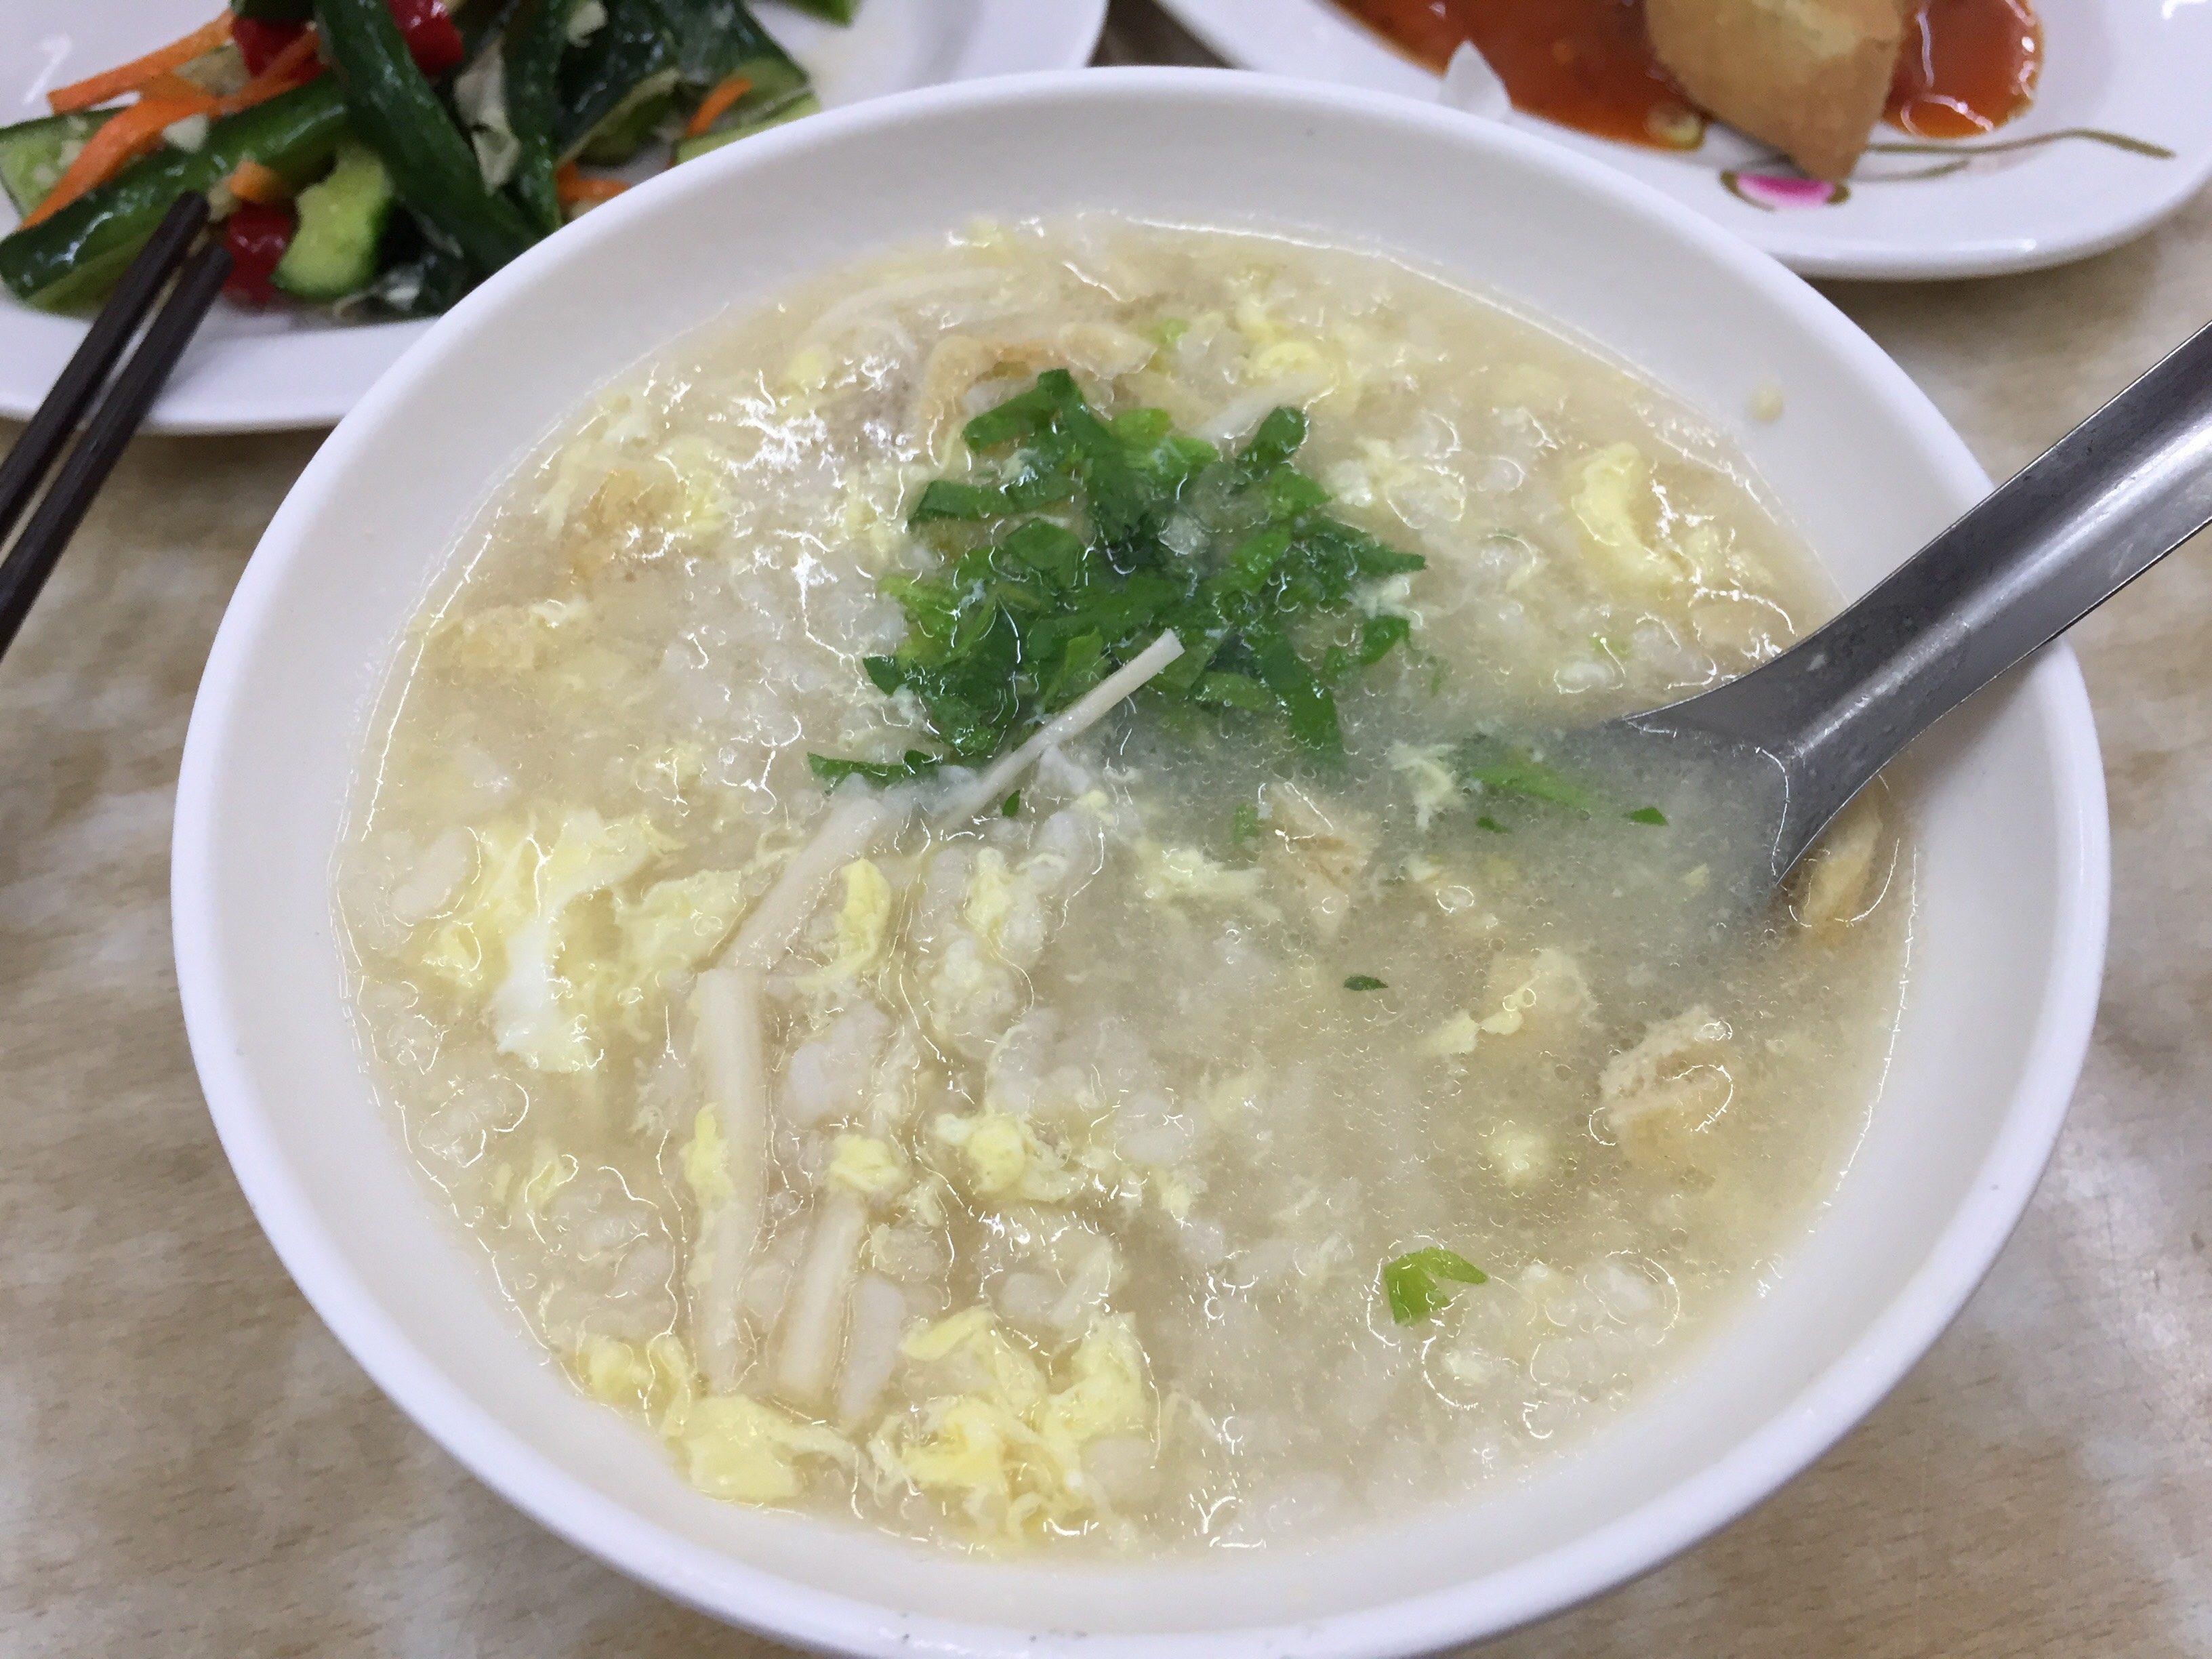 國賓鹹粥 塩粥